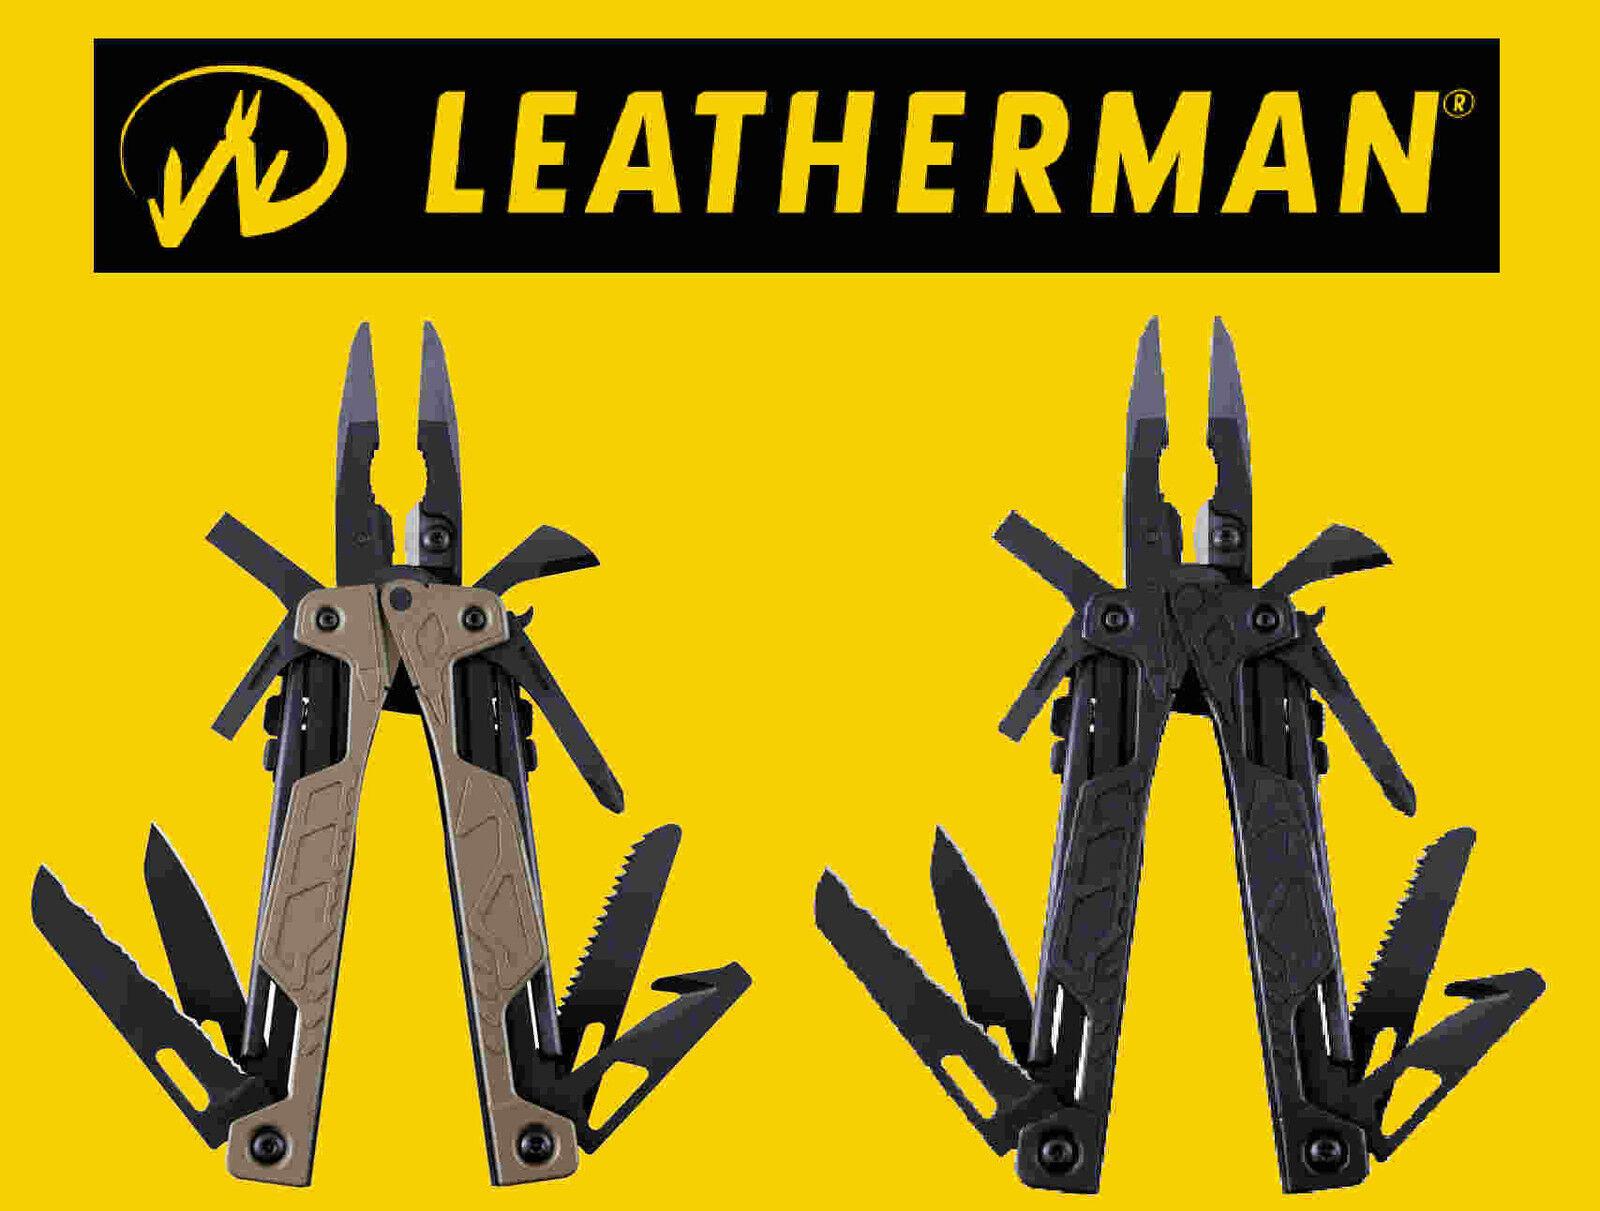 OHT Lederman Einhand - Tool inkl. Holster in schwarz oder coyote zur Auswahl